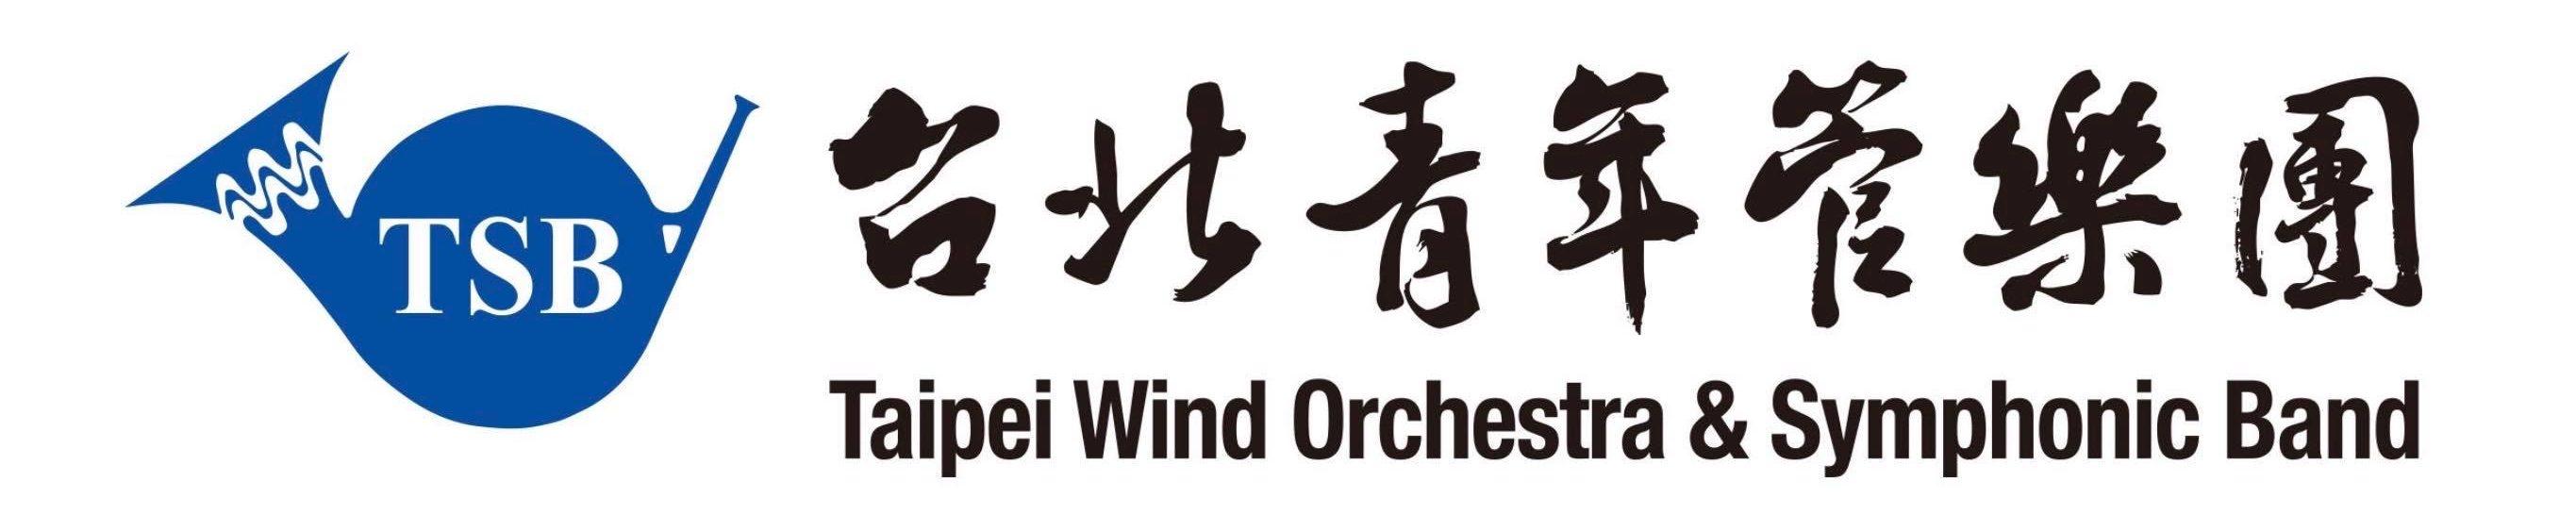 台北青年管樂團